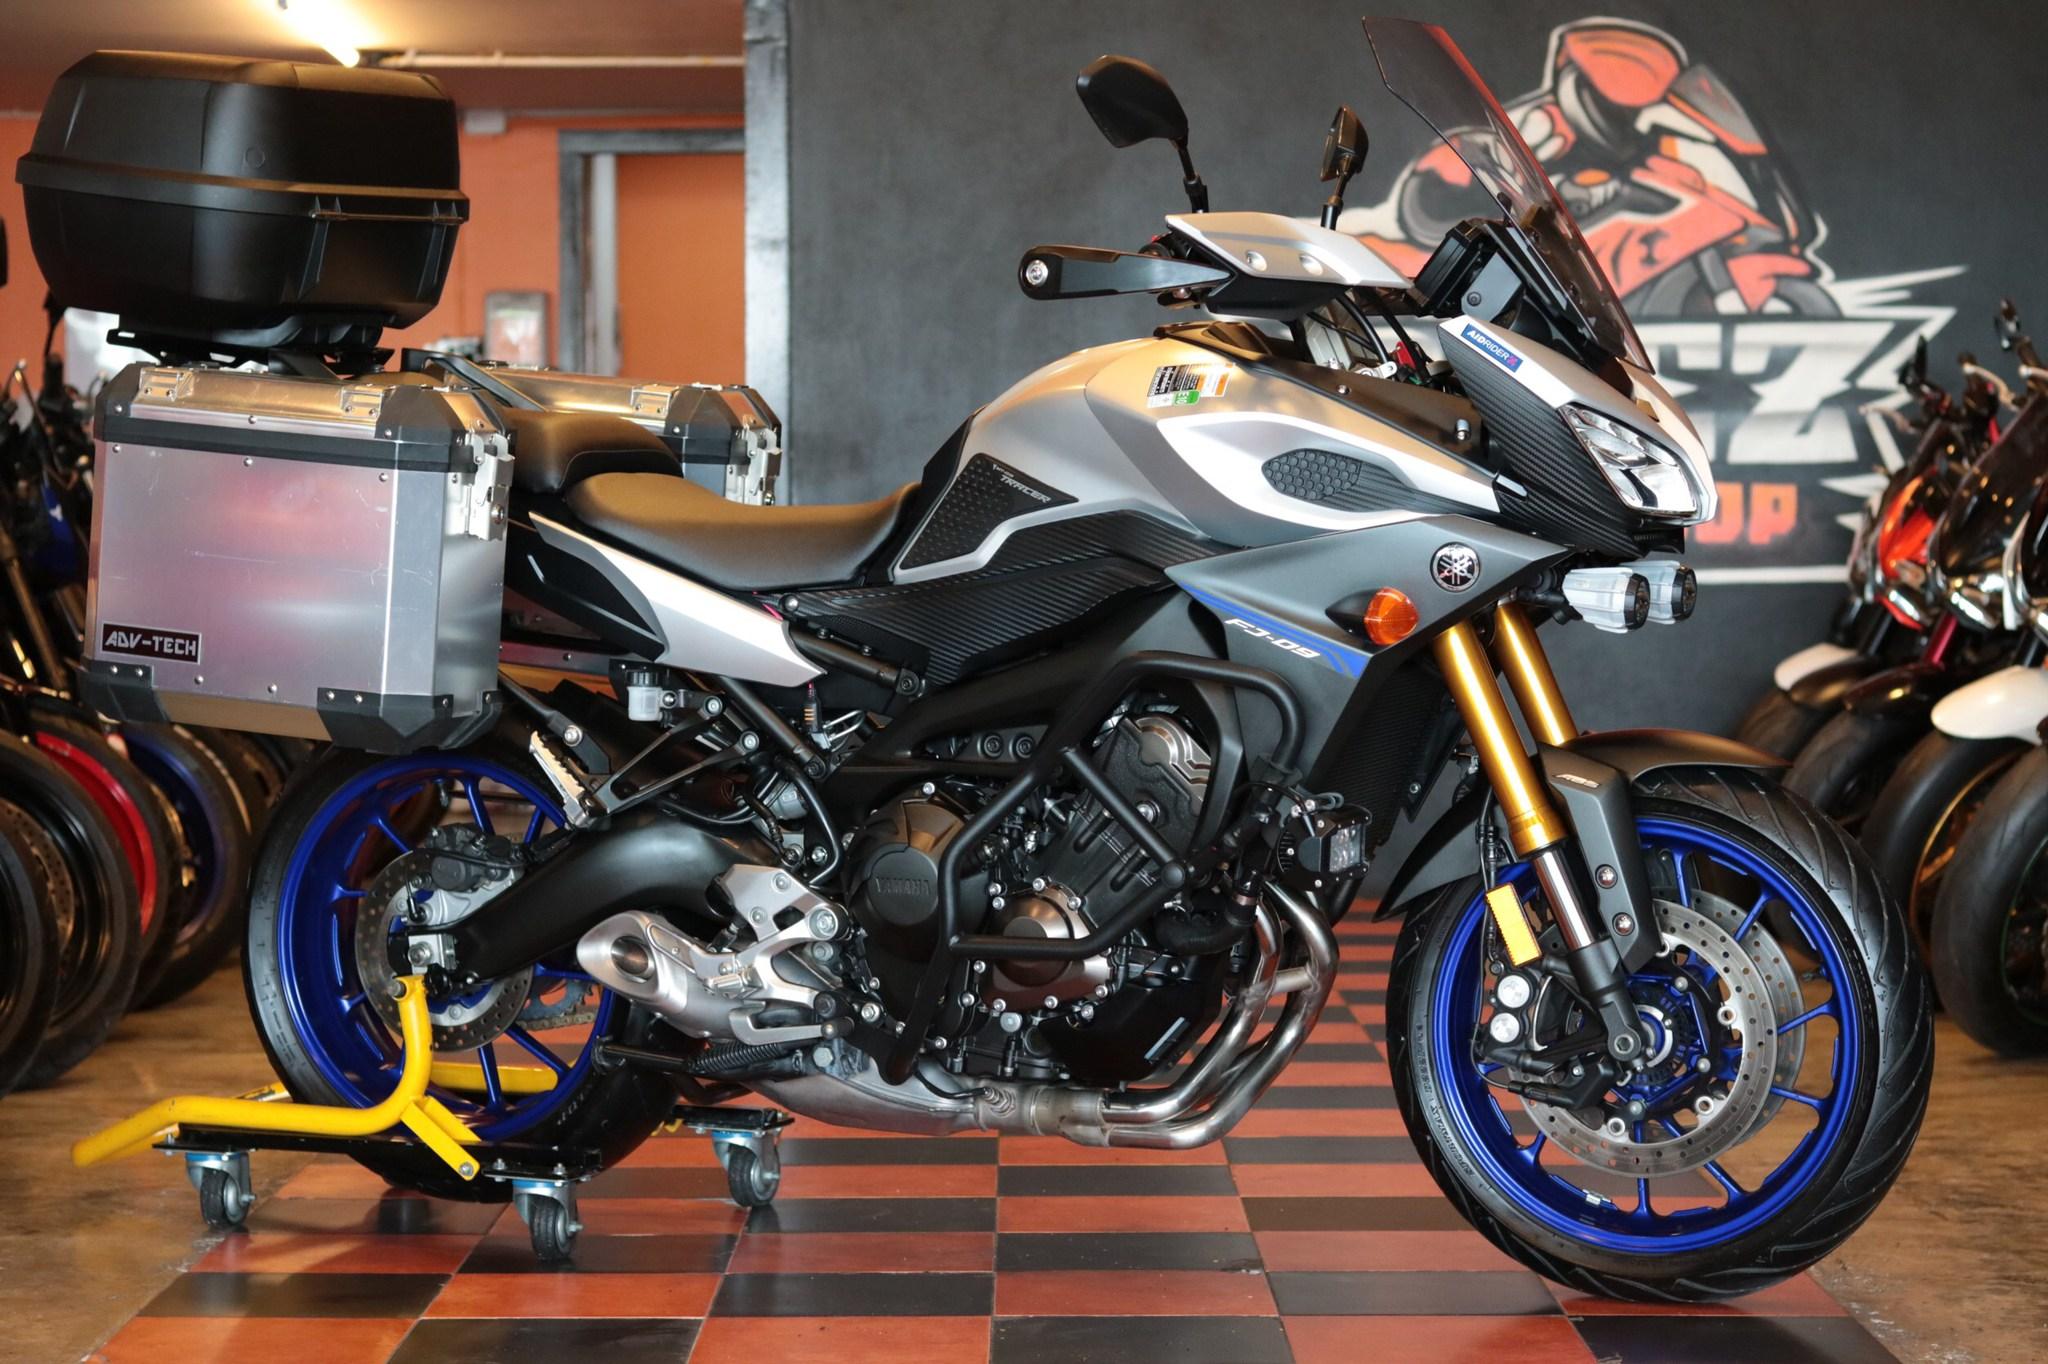 ขาย Yamaha FJ-09 ABS ปี 2017